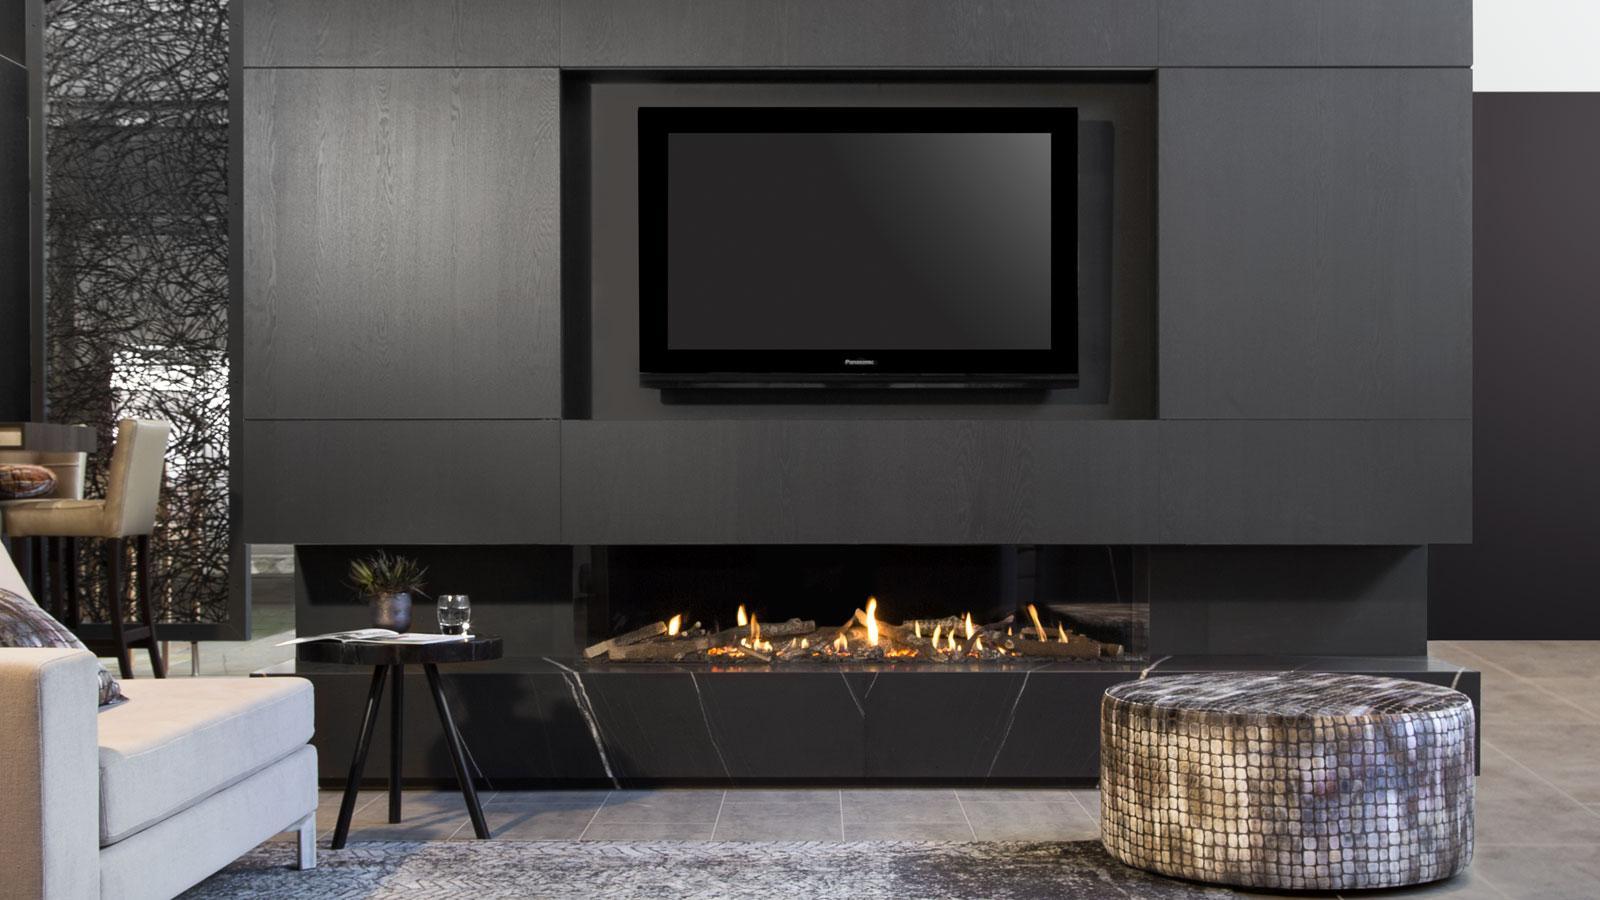 Haardentrends van dit najaar. Kalfire haard G170-37S in kastenwand met televisie #haard #haardentrends #interieur #interieurinspiratie #modern